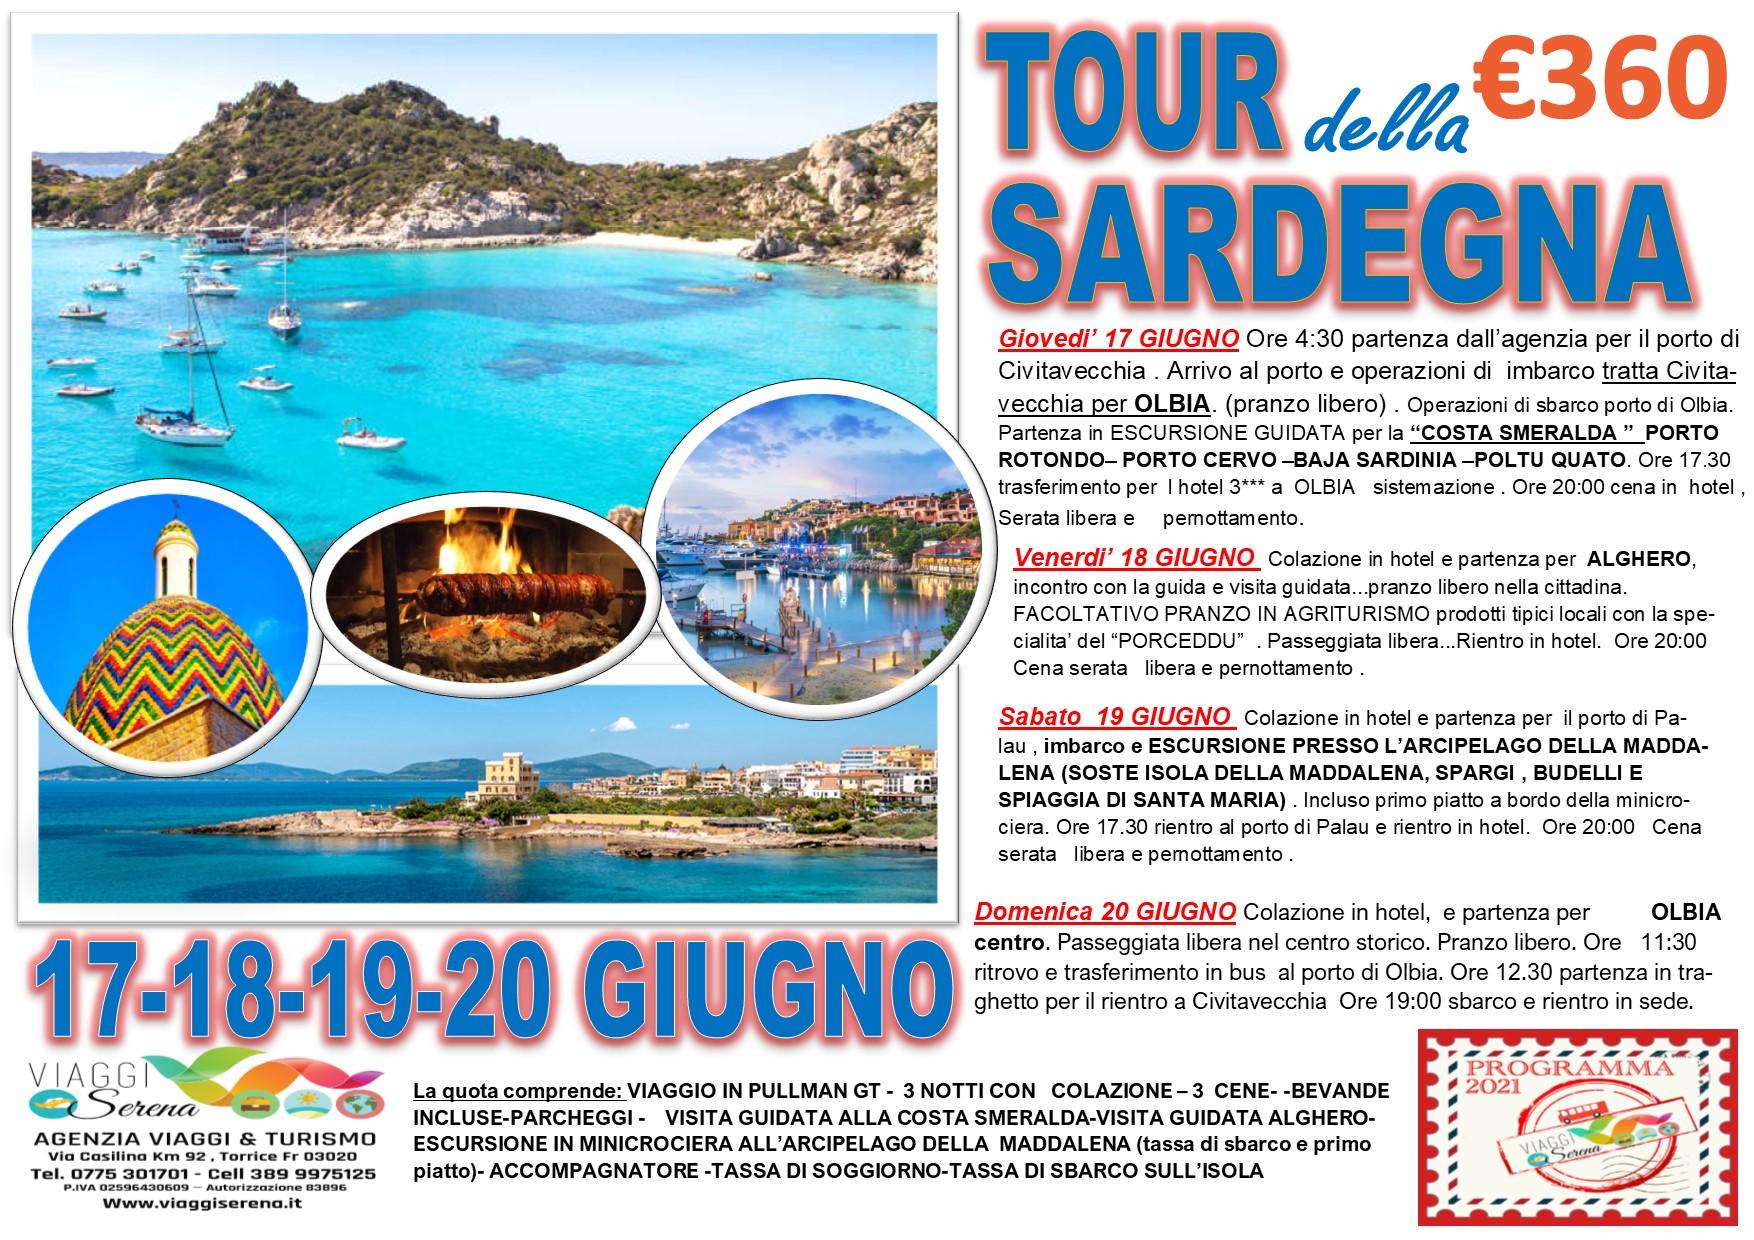 Viaggi di Gruppo: Tour SARDEGNA , Arcipelago della Maddalena, Alghero  & Costa Smeralda 17-18-19-20 Giugno € 360,00